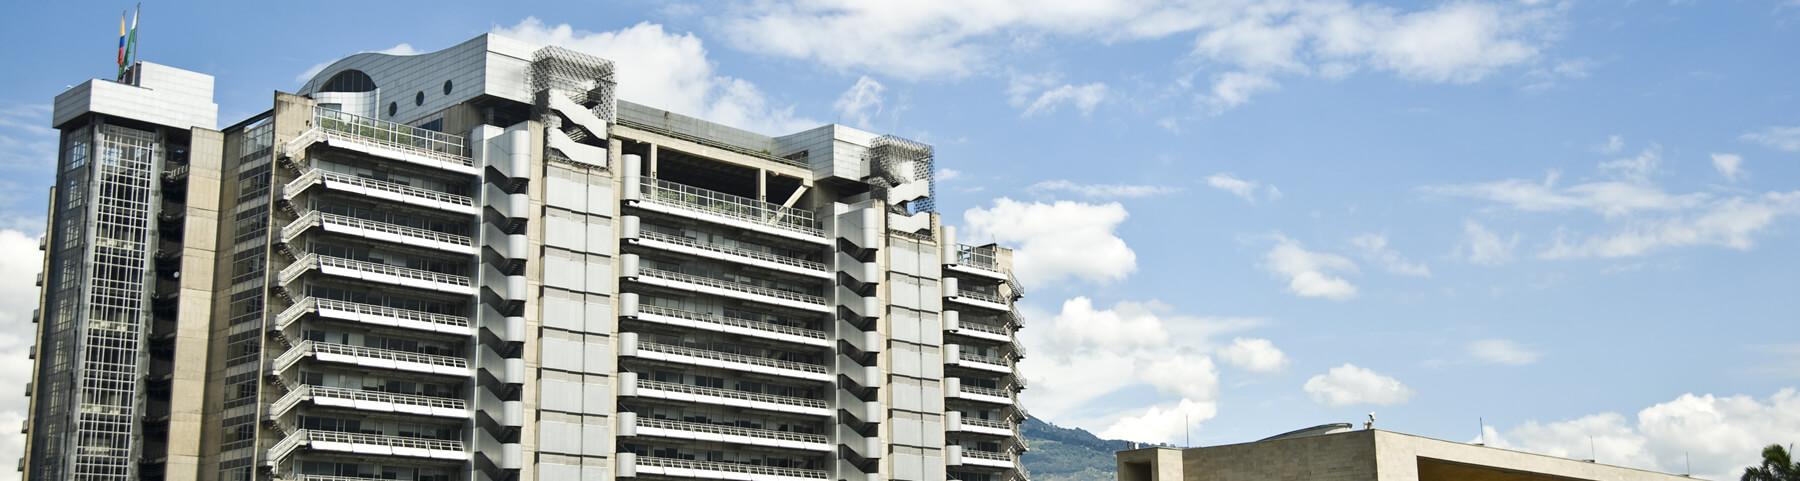 Conozca Medellín